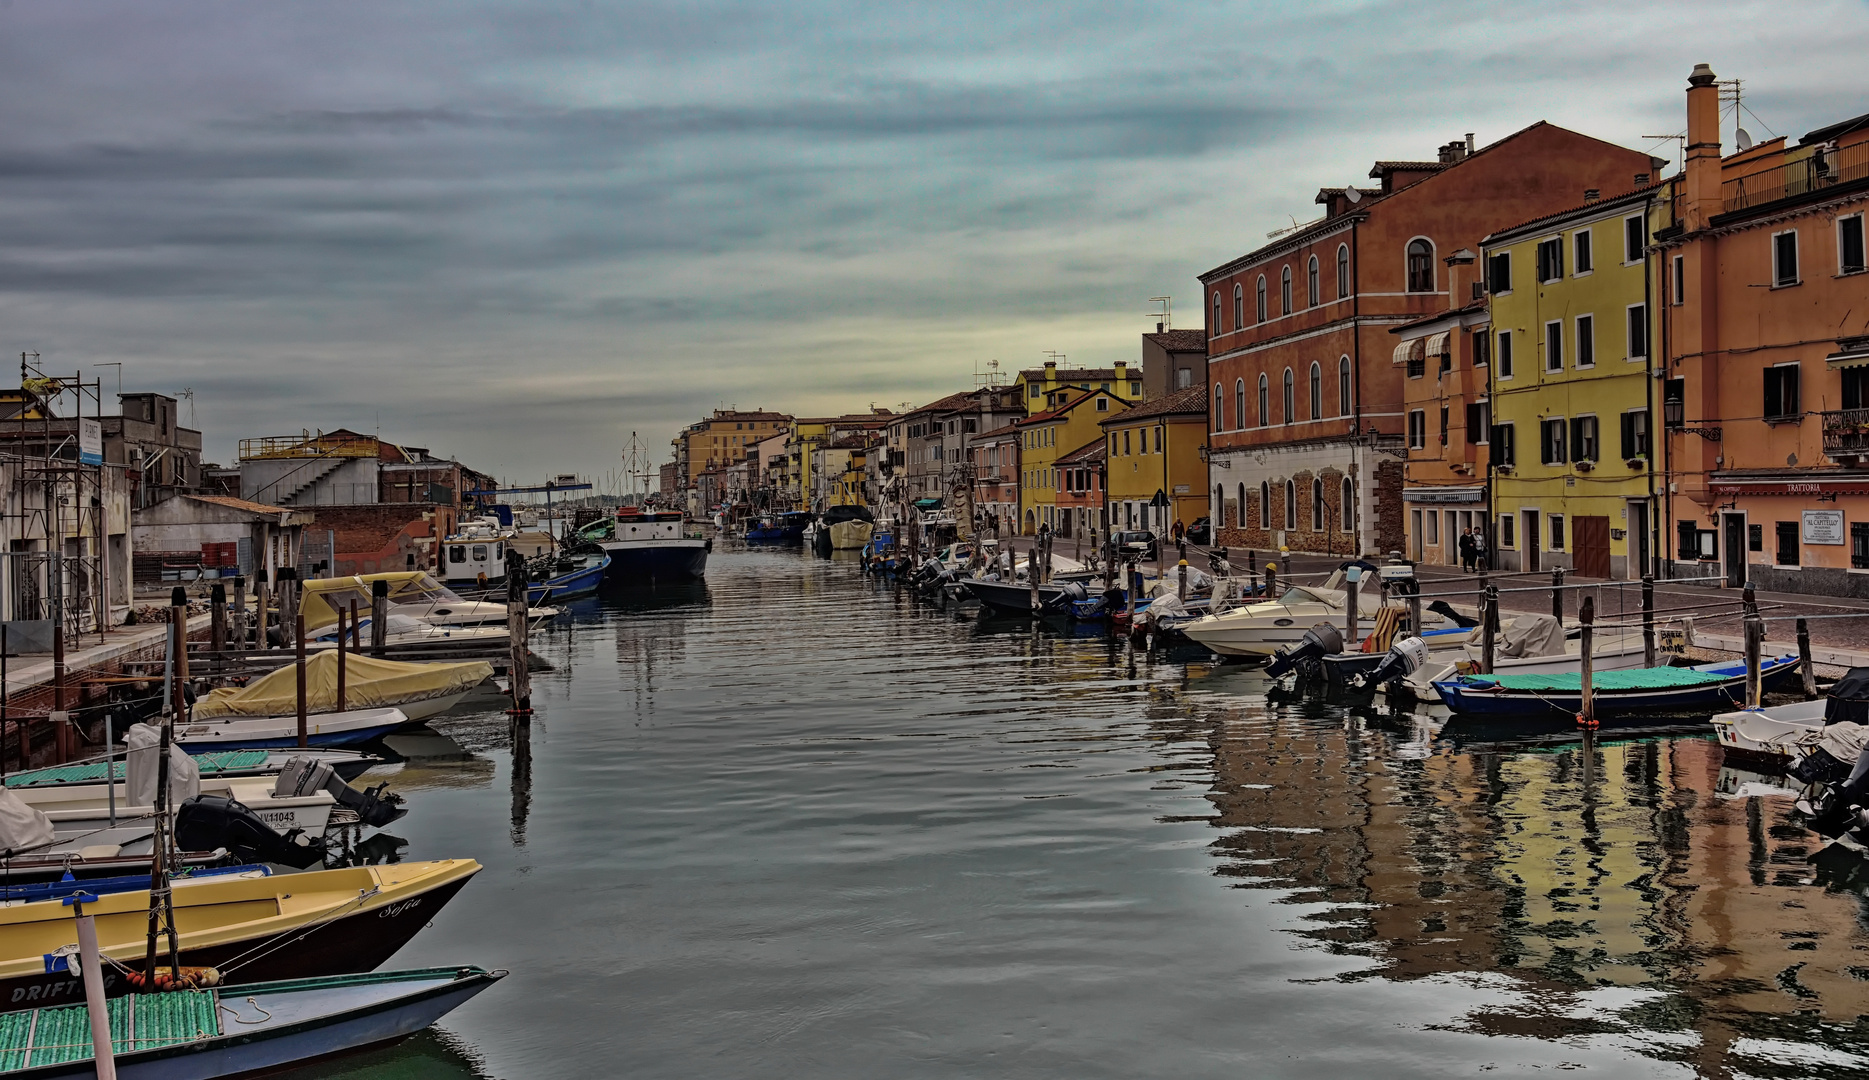 Chioggia, Venedigs kleine Schwester